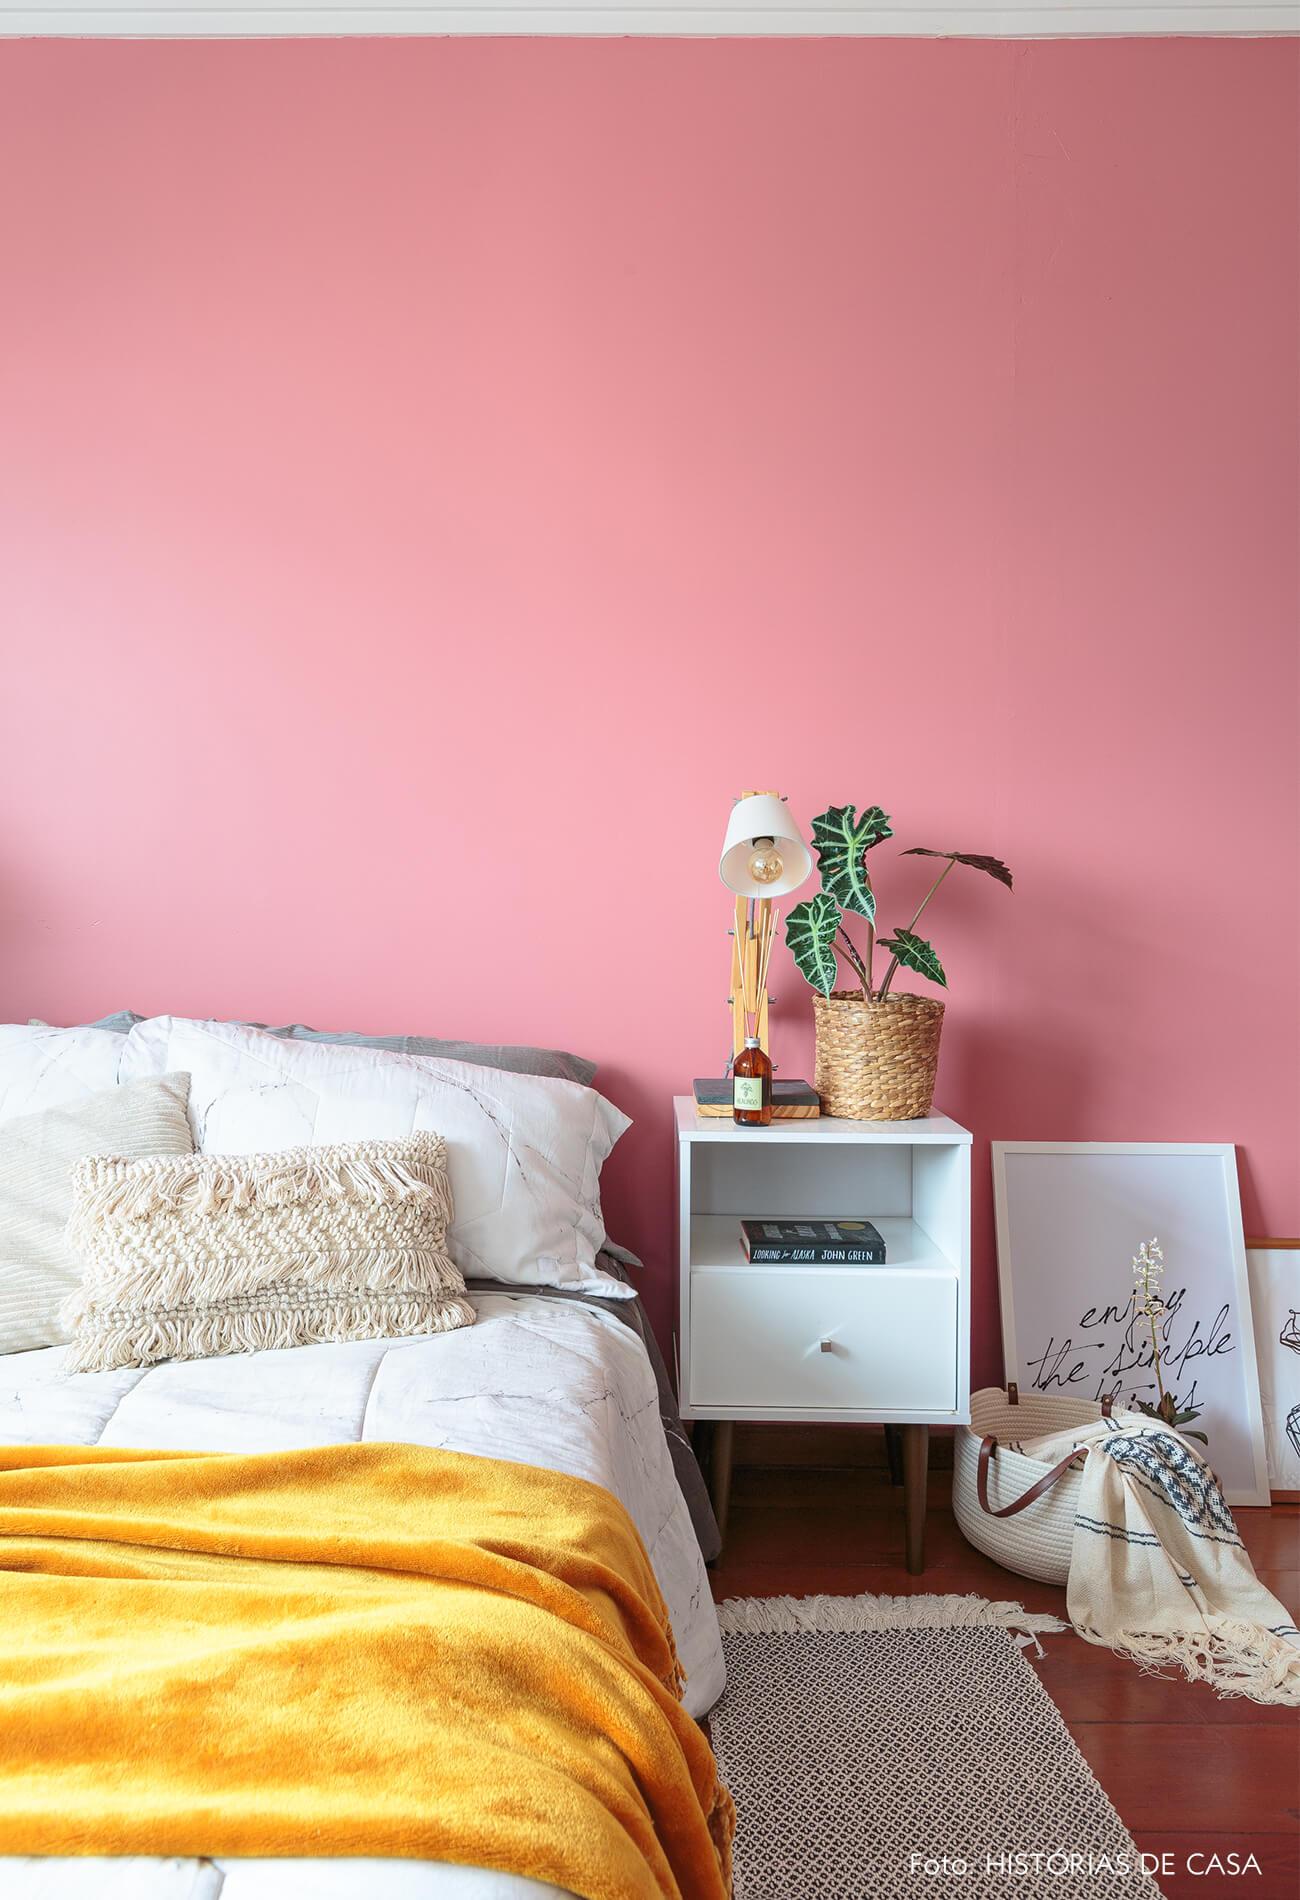 decoração quarto com parede rosa e mesa branca